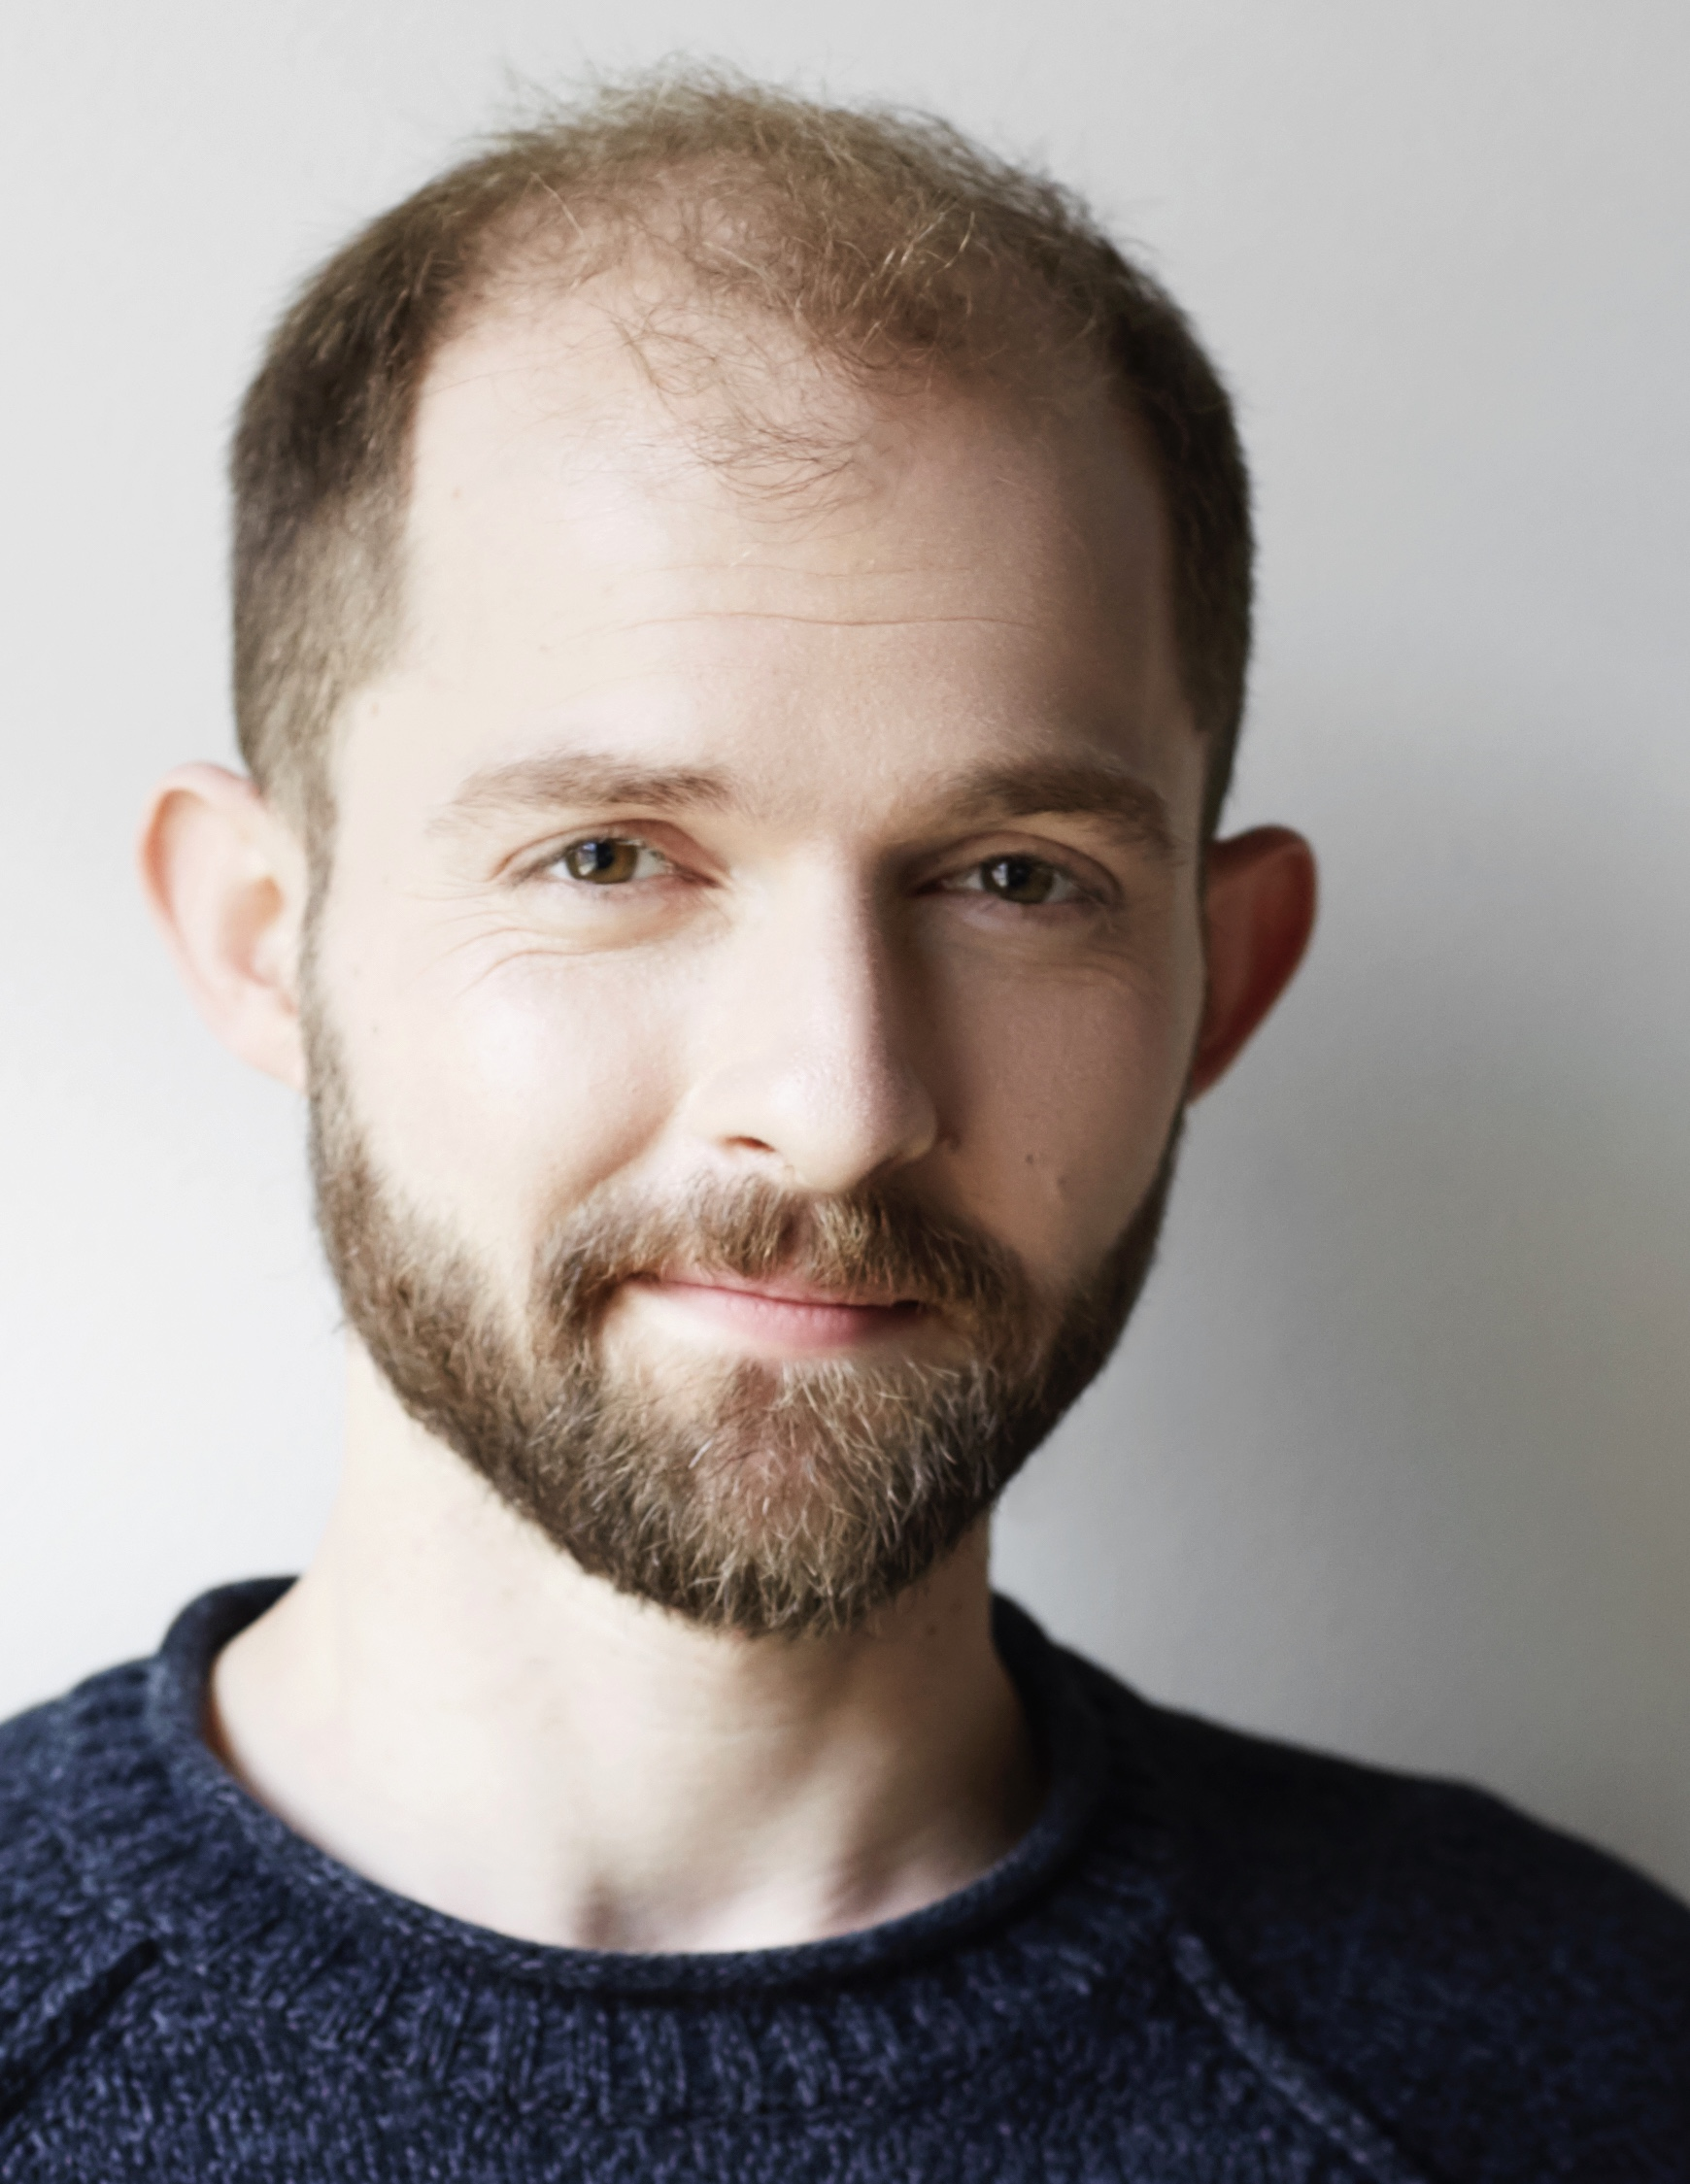 James Rankin